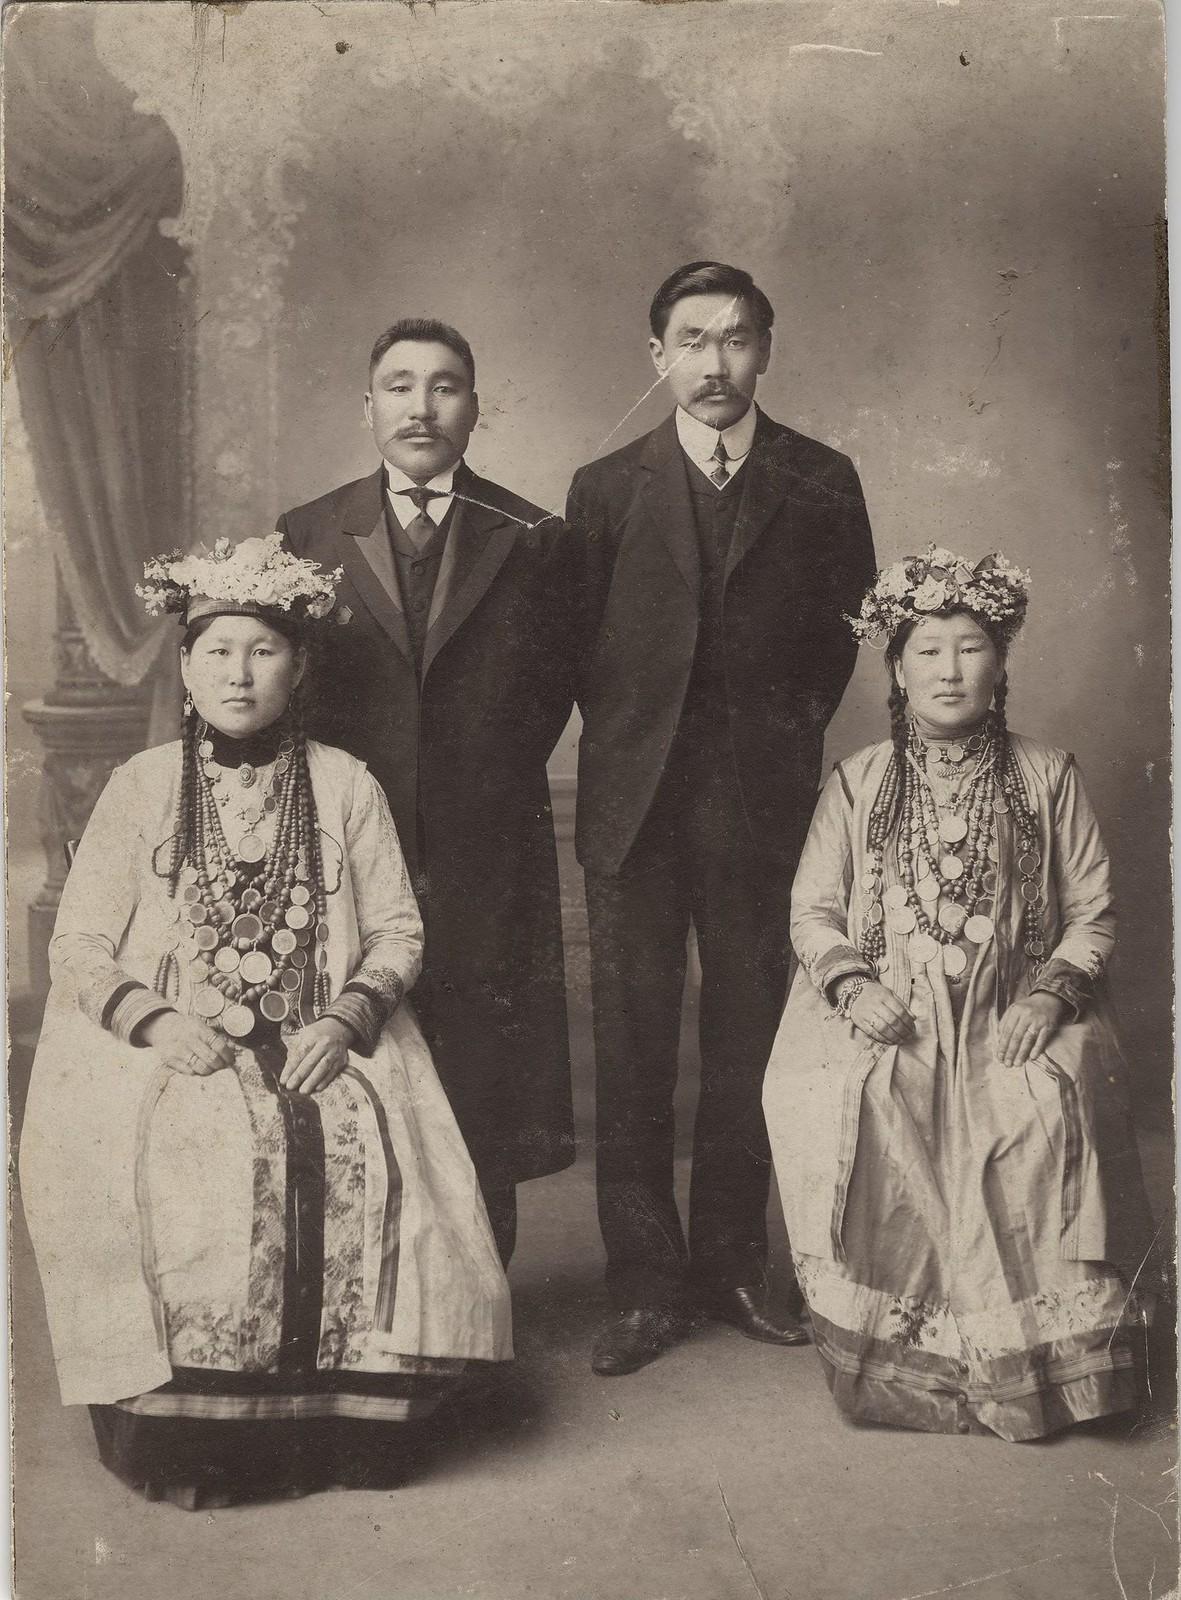 1910. Предприниматель Ханхасаев и купец 1 гильдии Родионов с женами в национальных бурятских костюмах.